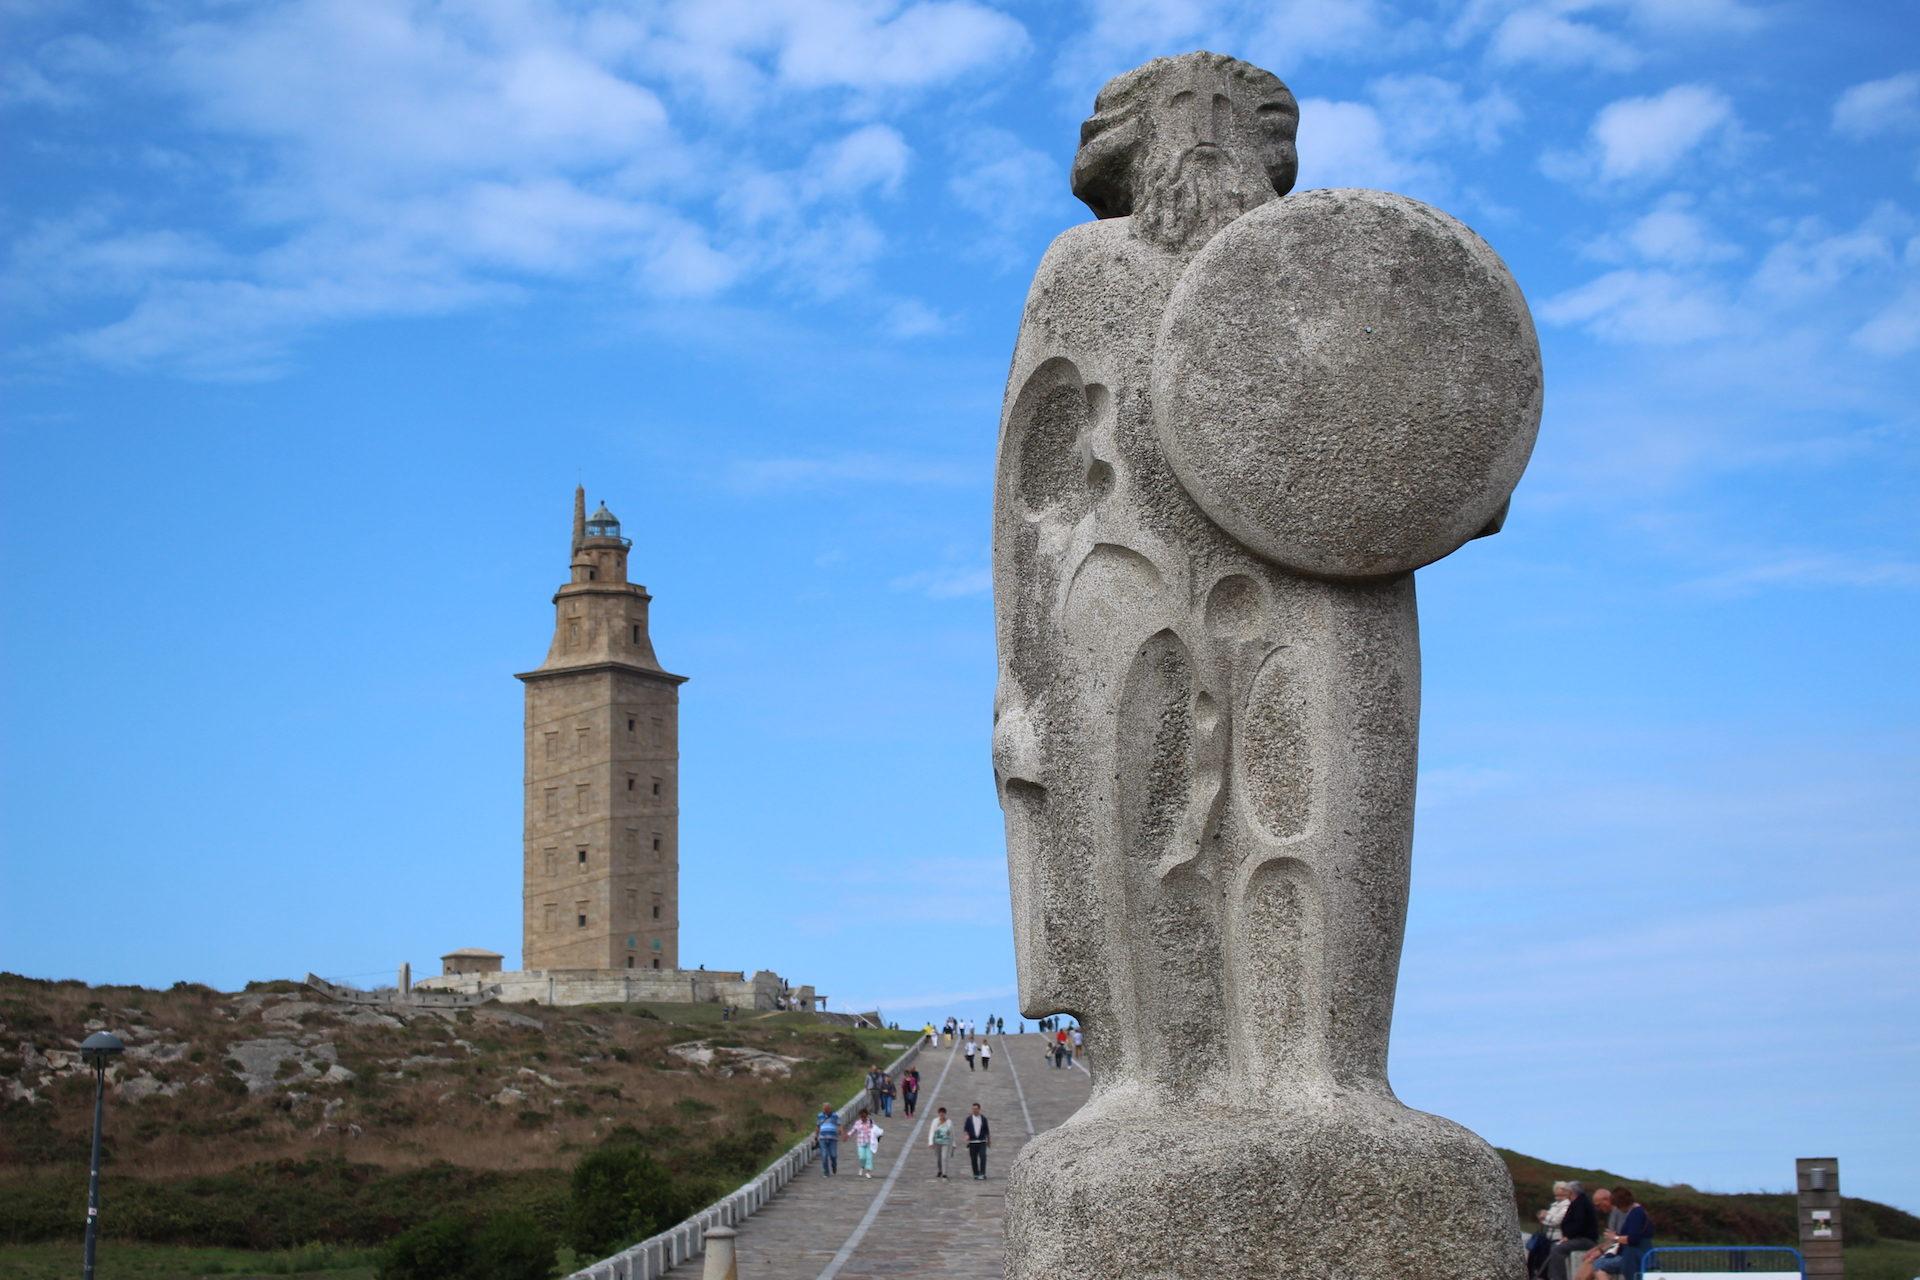 塔, hércules, a coruña, 加利西亚, 天空 - 高清壁纸 - 教授-falken.com